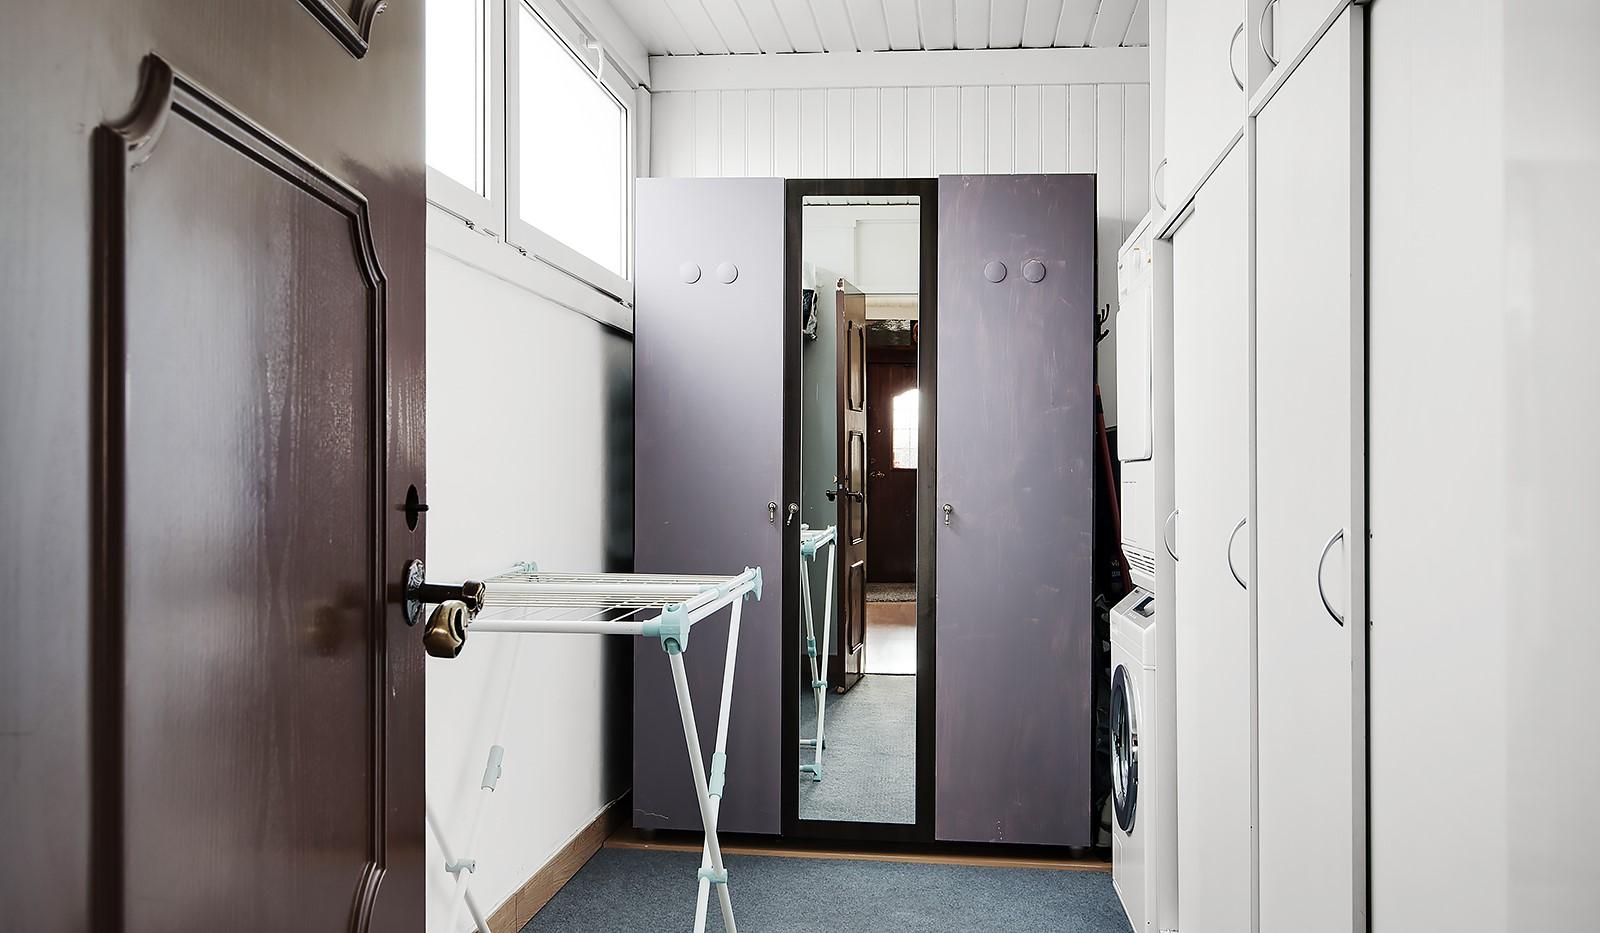 Bägarvägen 1 - Förråd med garderober o tvättdel